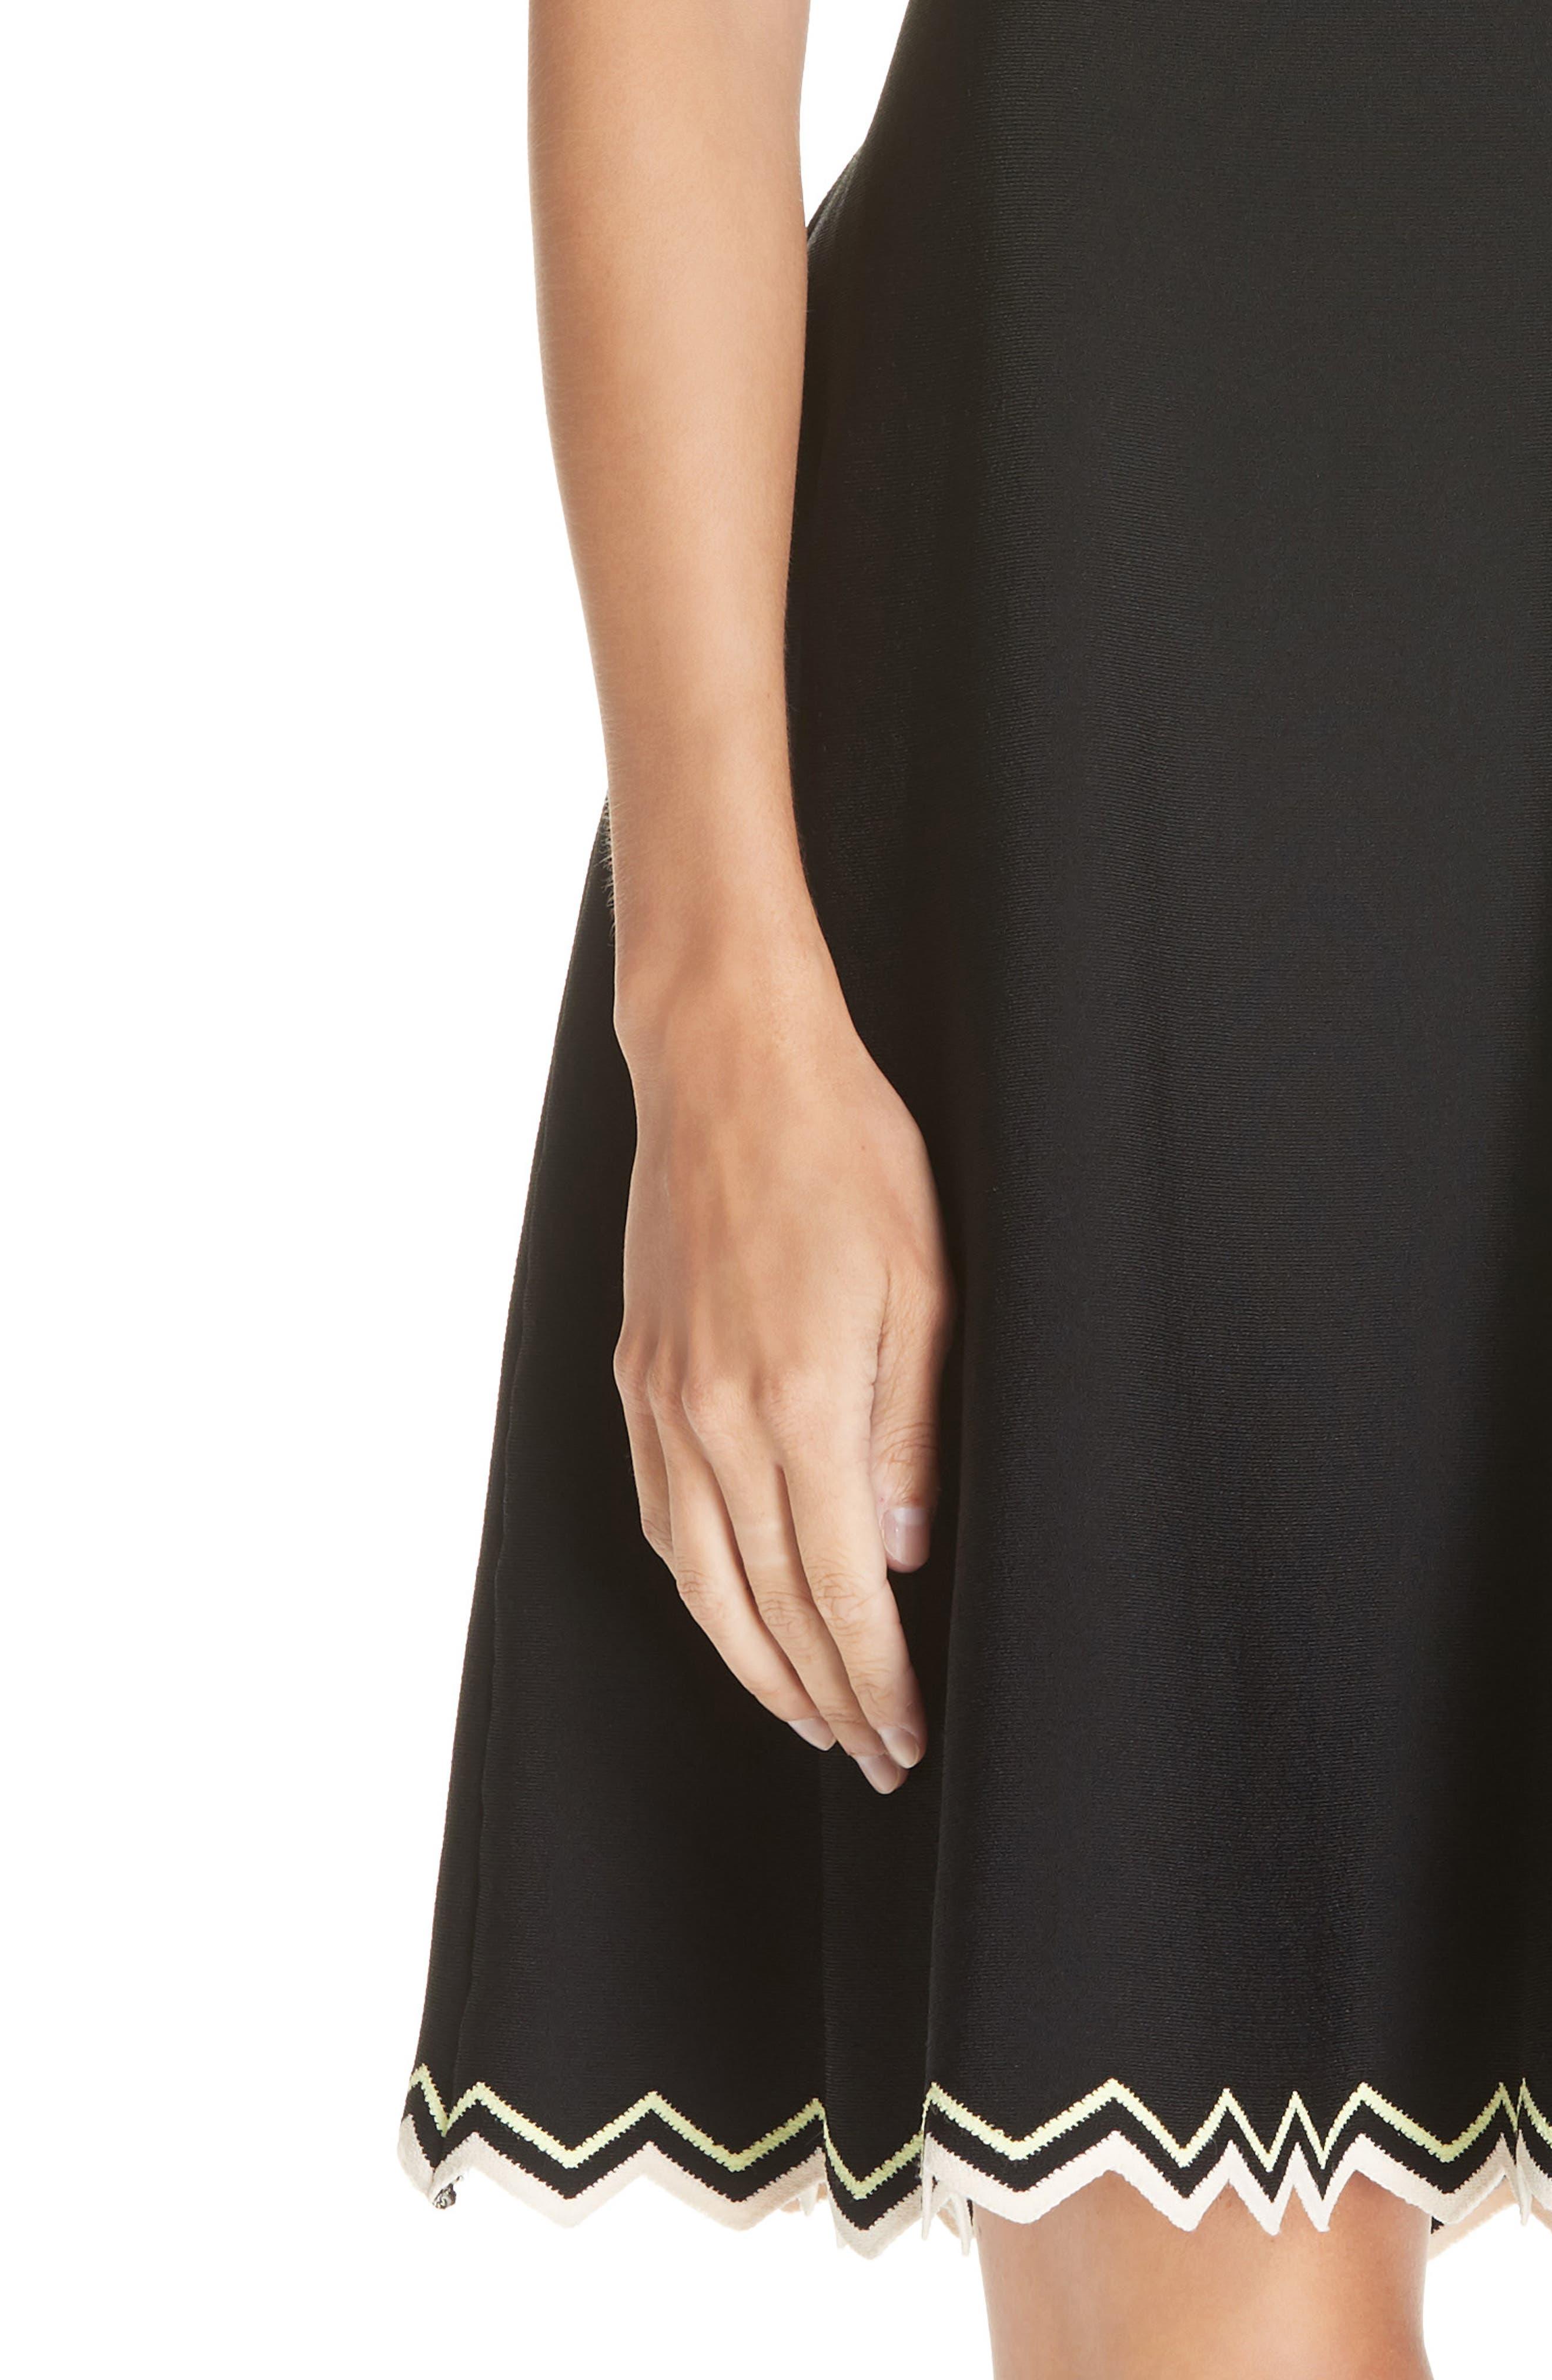 Chevron Hem A-Line Dress,                             Alternate thumbnail 4, color,                             10225 BLACK COMBO